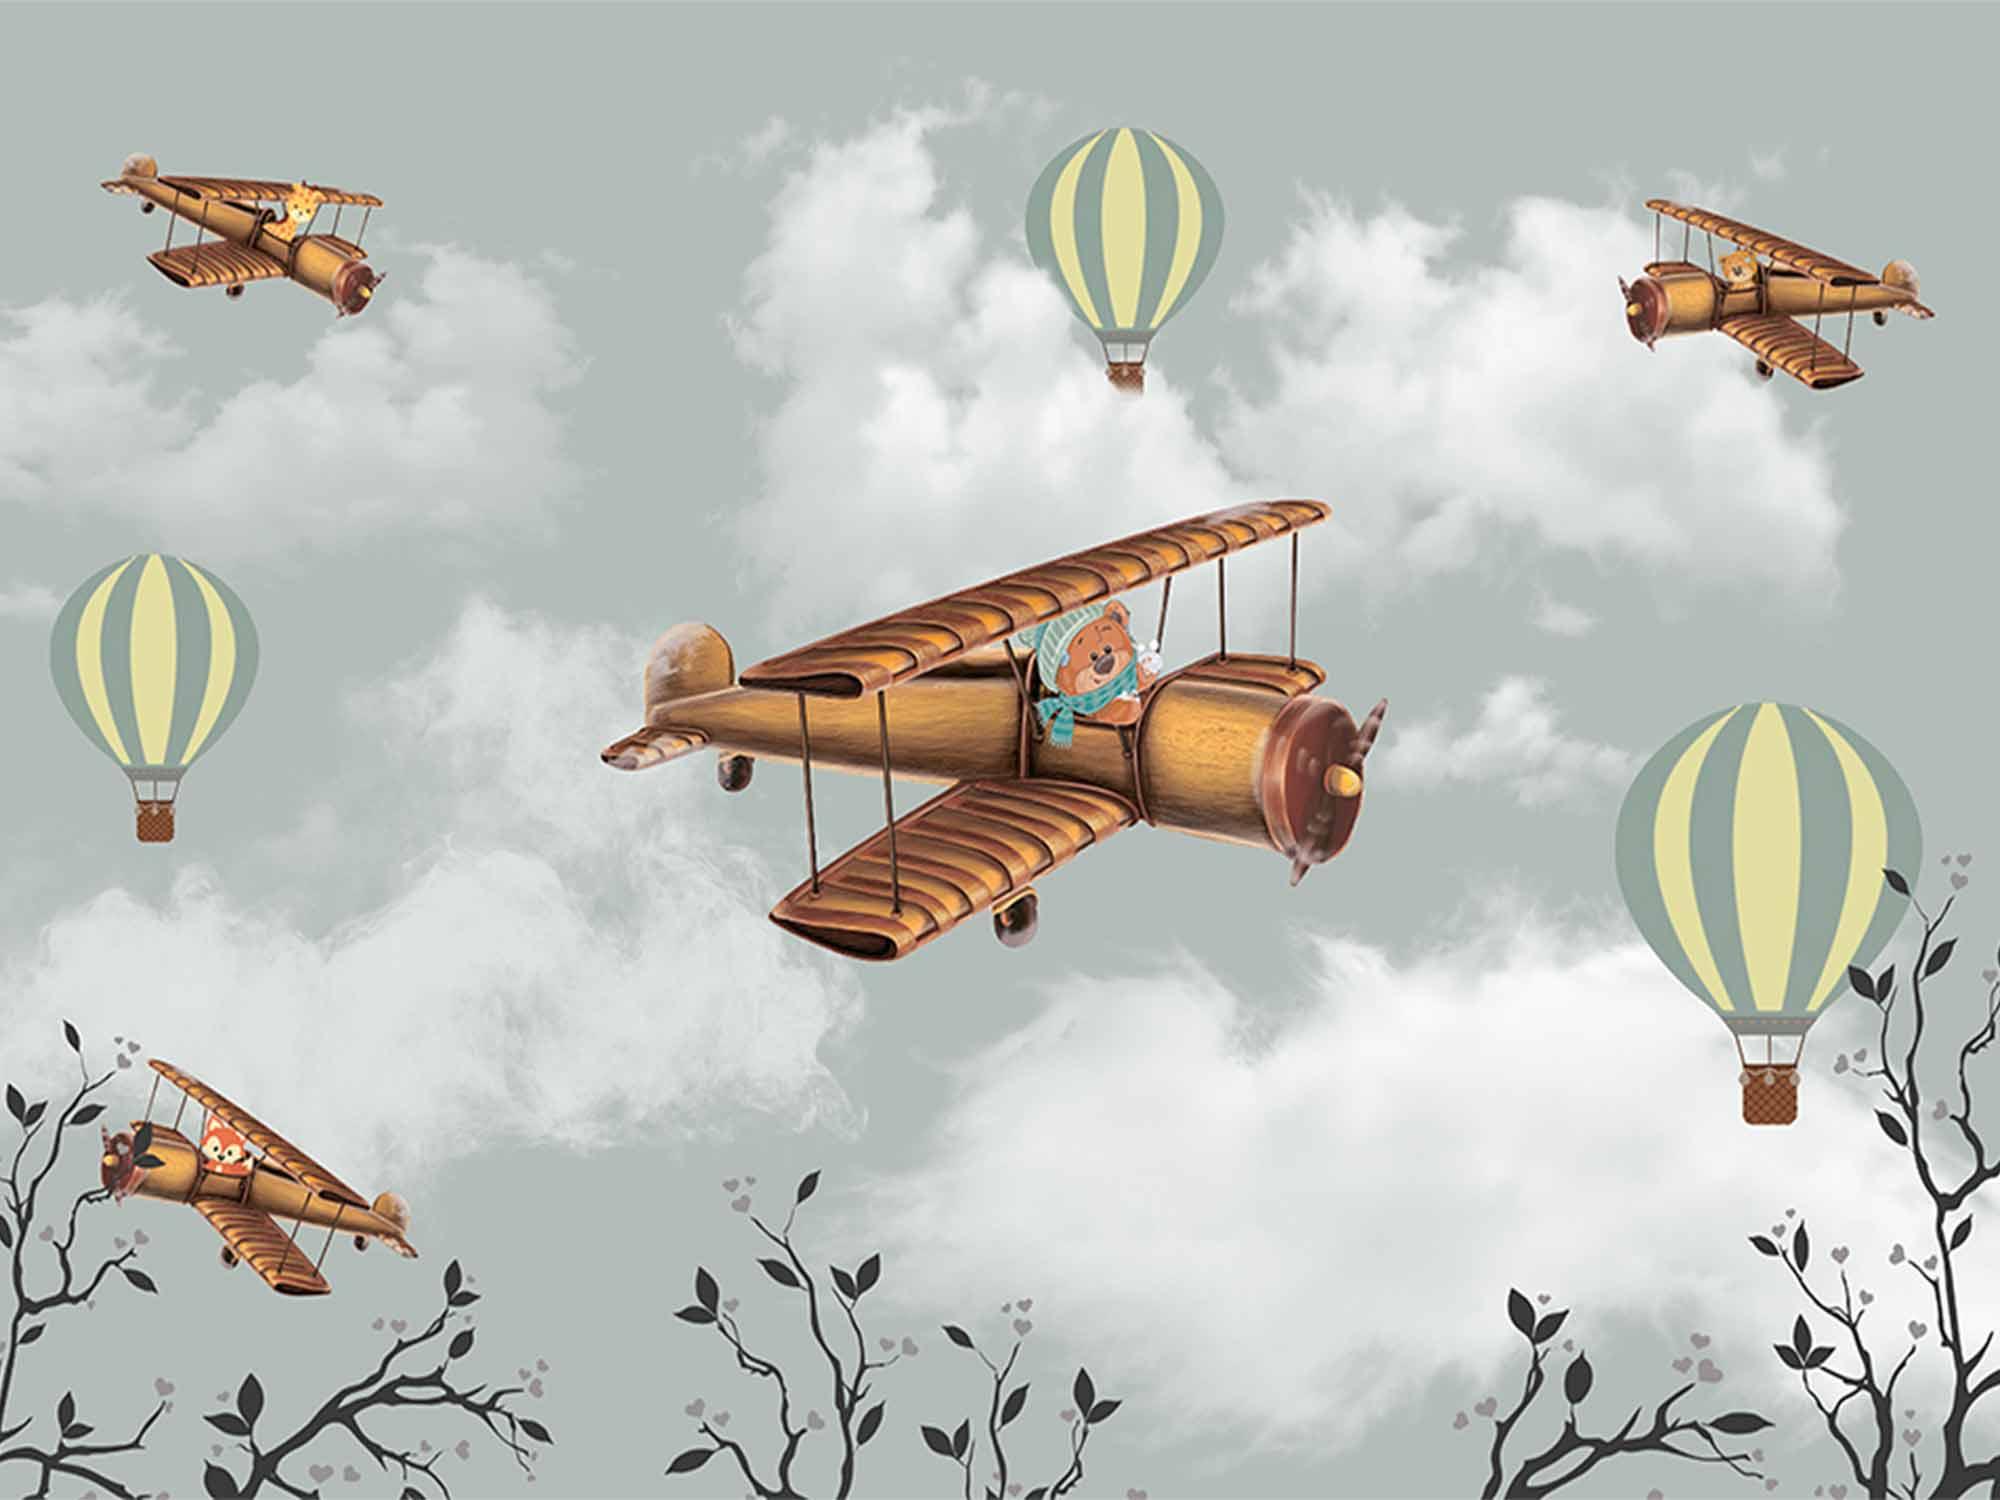 Papel de Parede Infantil Balões 0004 - Adesivo de Parede  - Paredes Decoradas